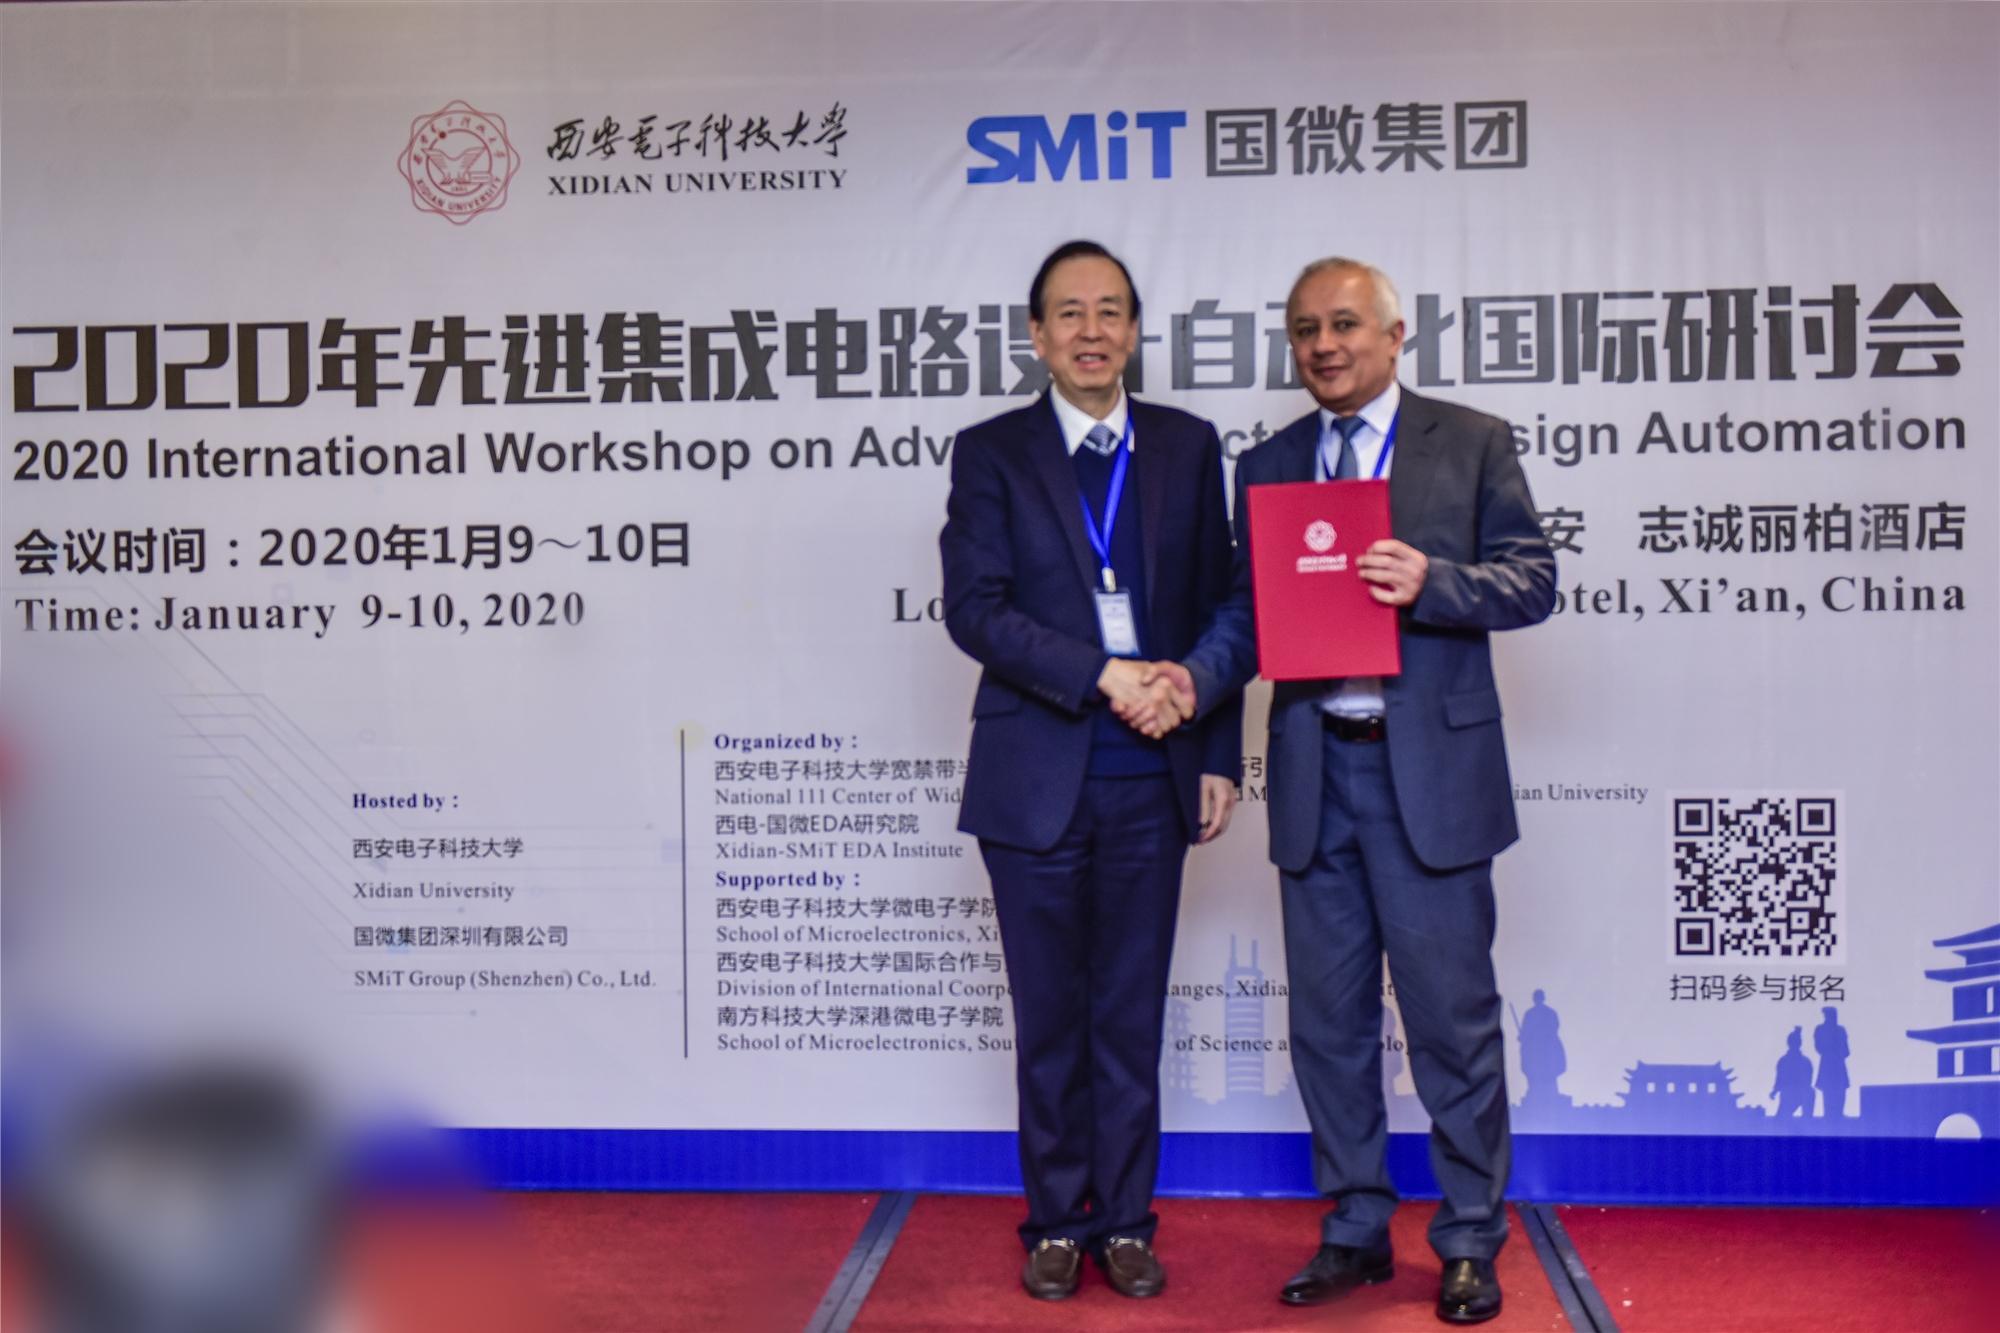 2020年先进集成电路设计自动化国际研讨会举办